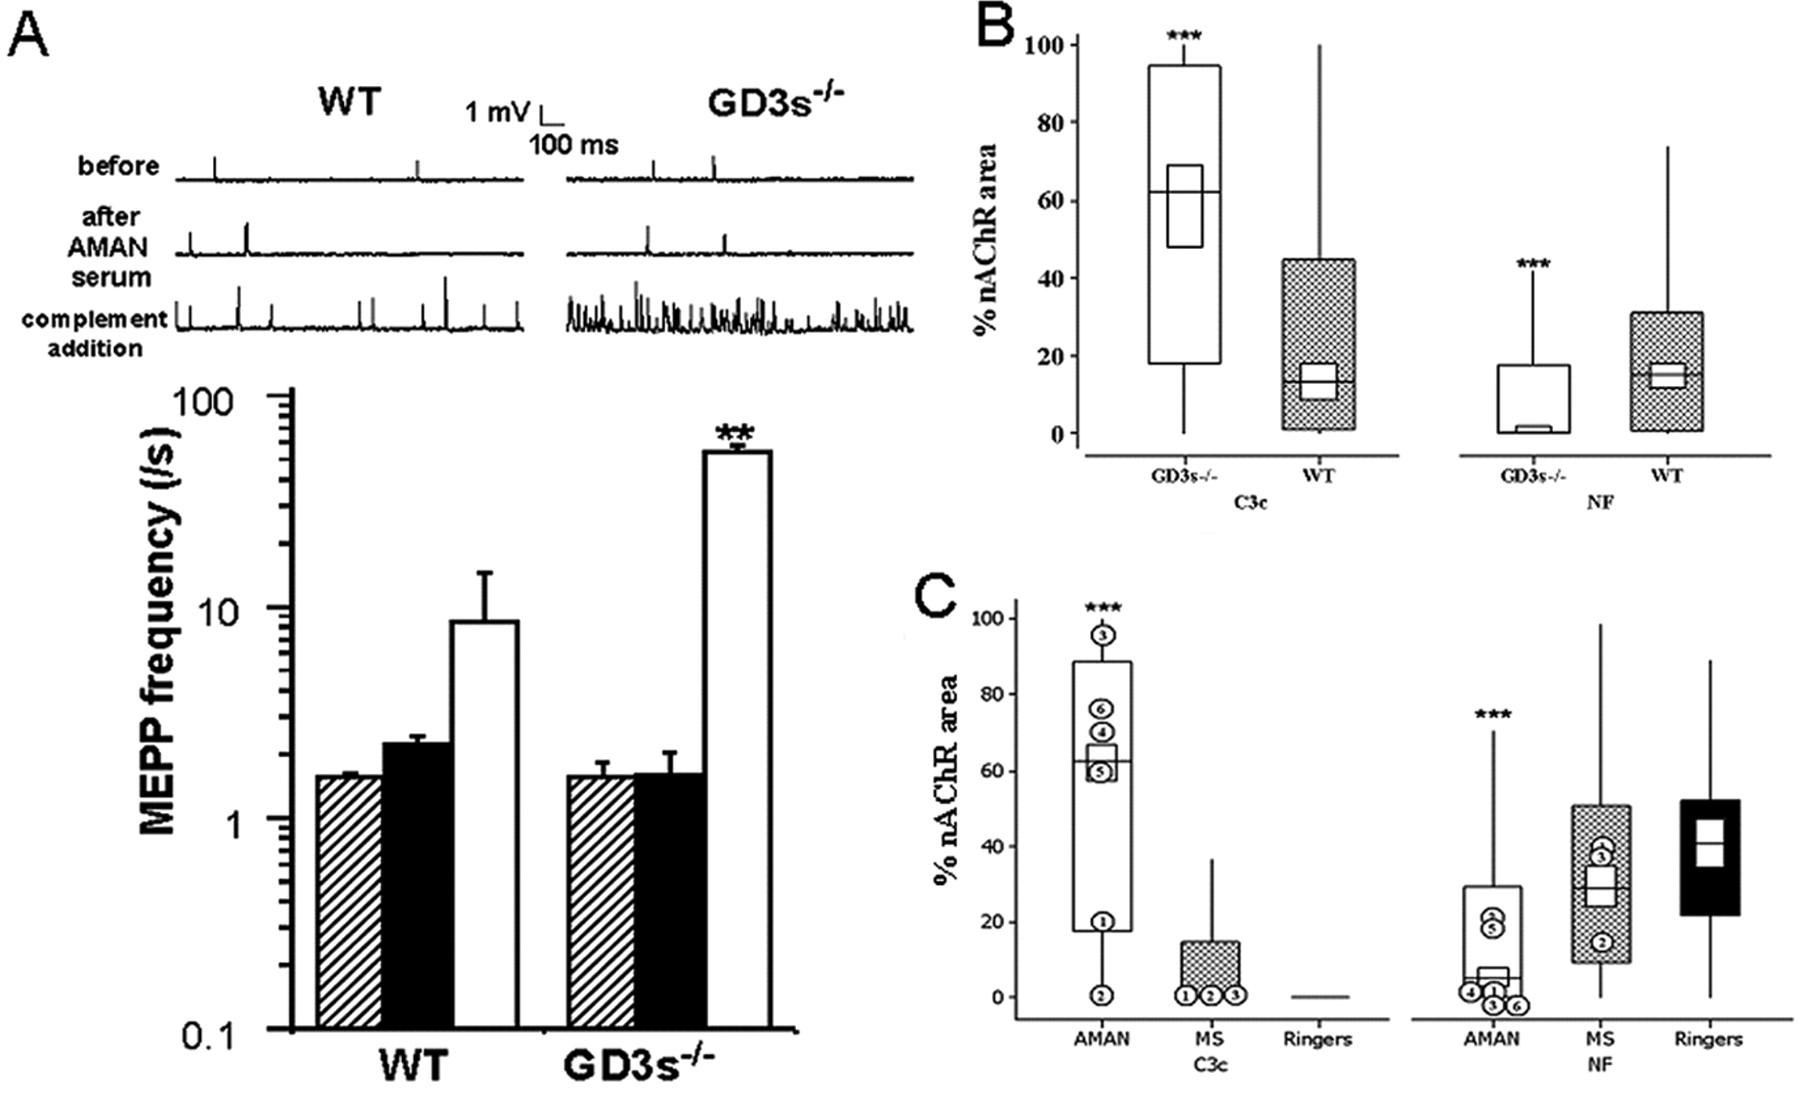 Overexpression of GD1a Ganglioside Sensitizes Motor Nerve